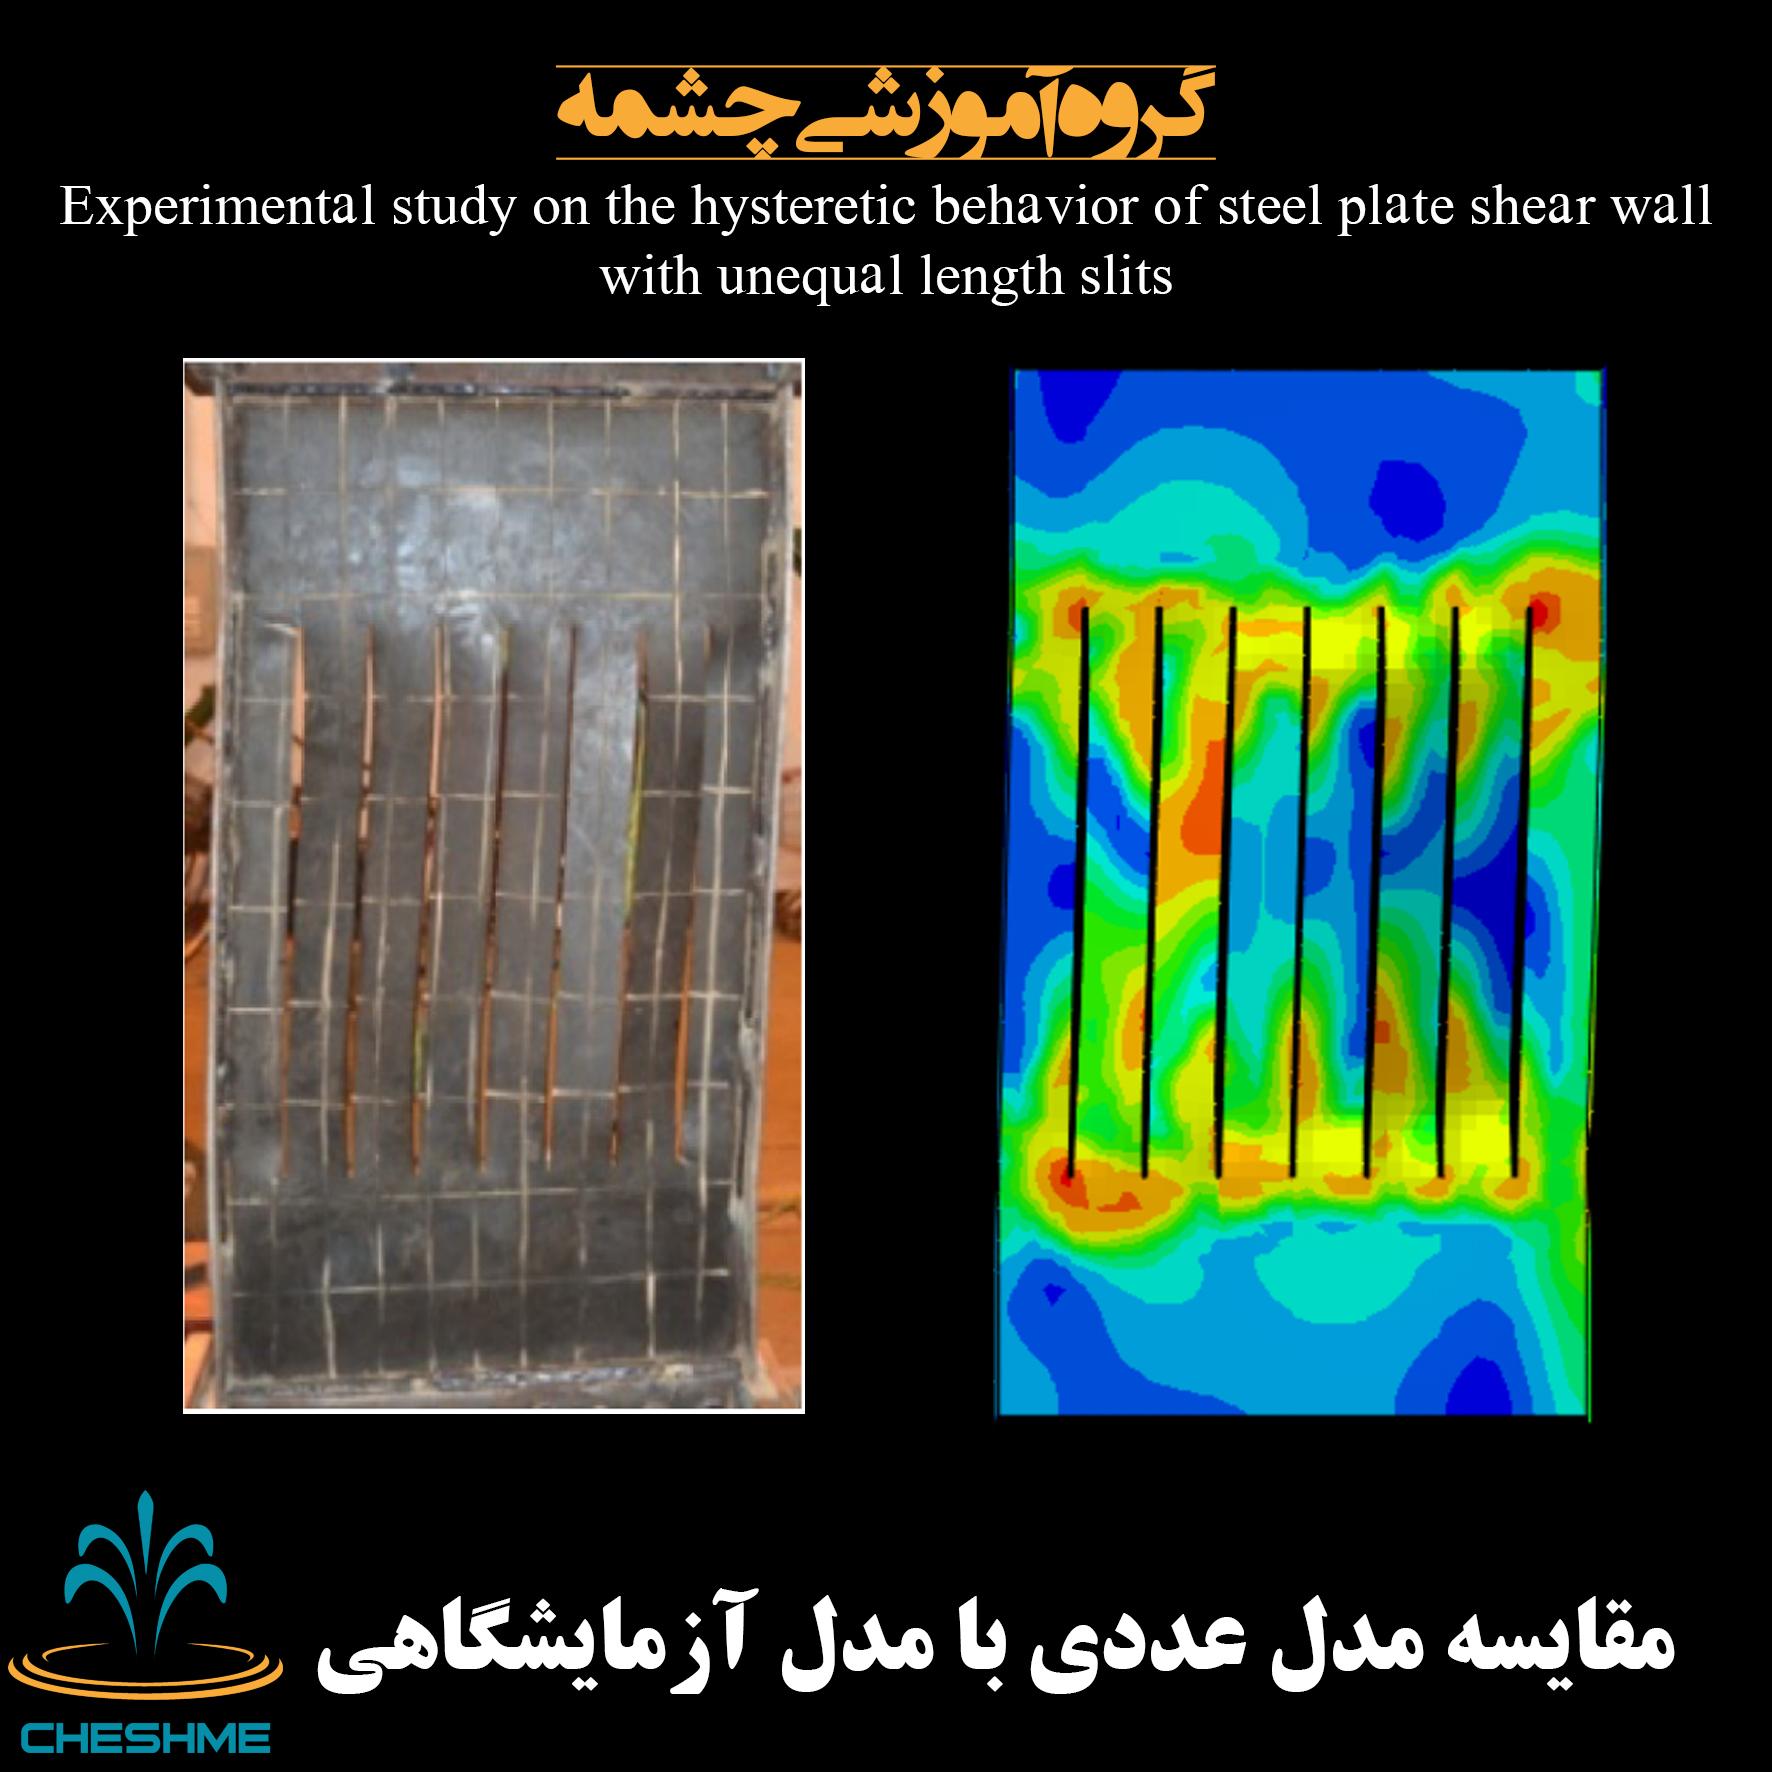 مقایسه توزیع تنش در دیوار برشی فولادی دارای شیار